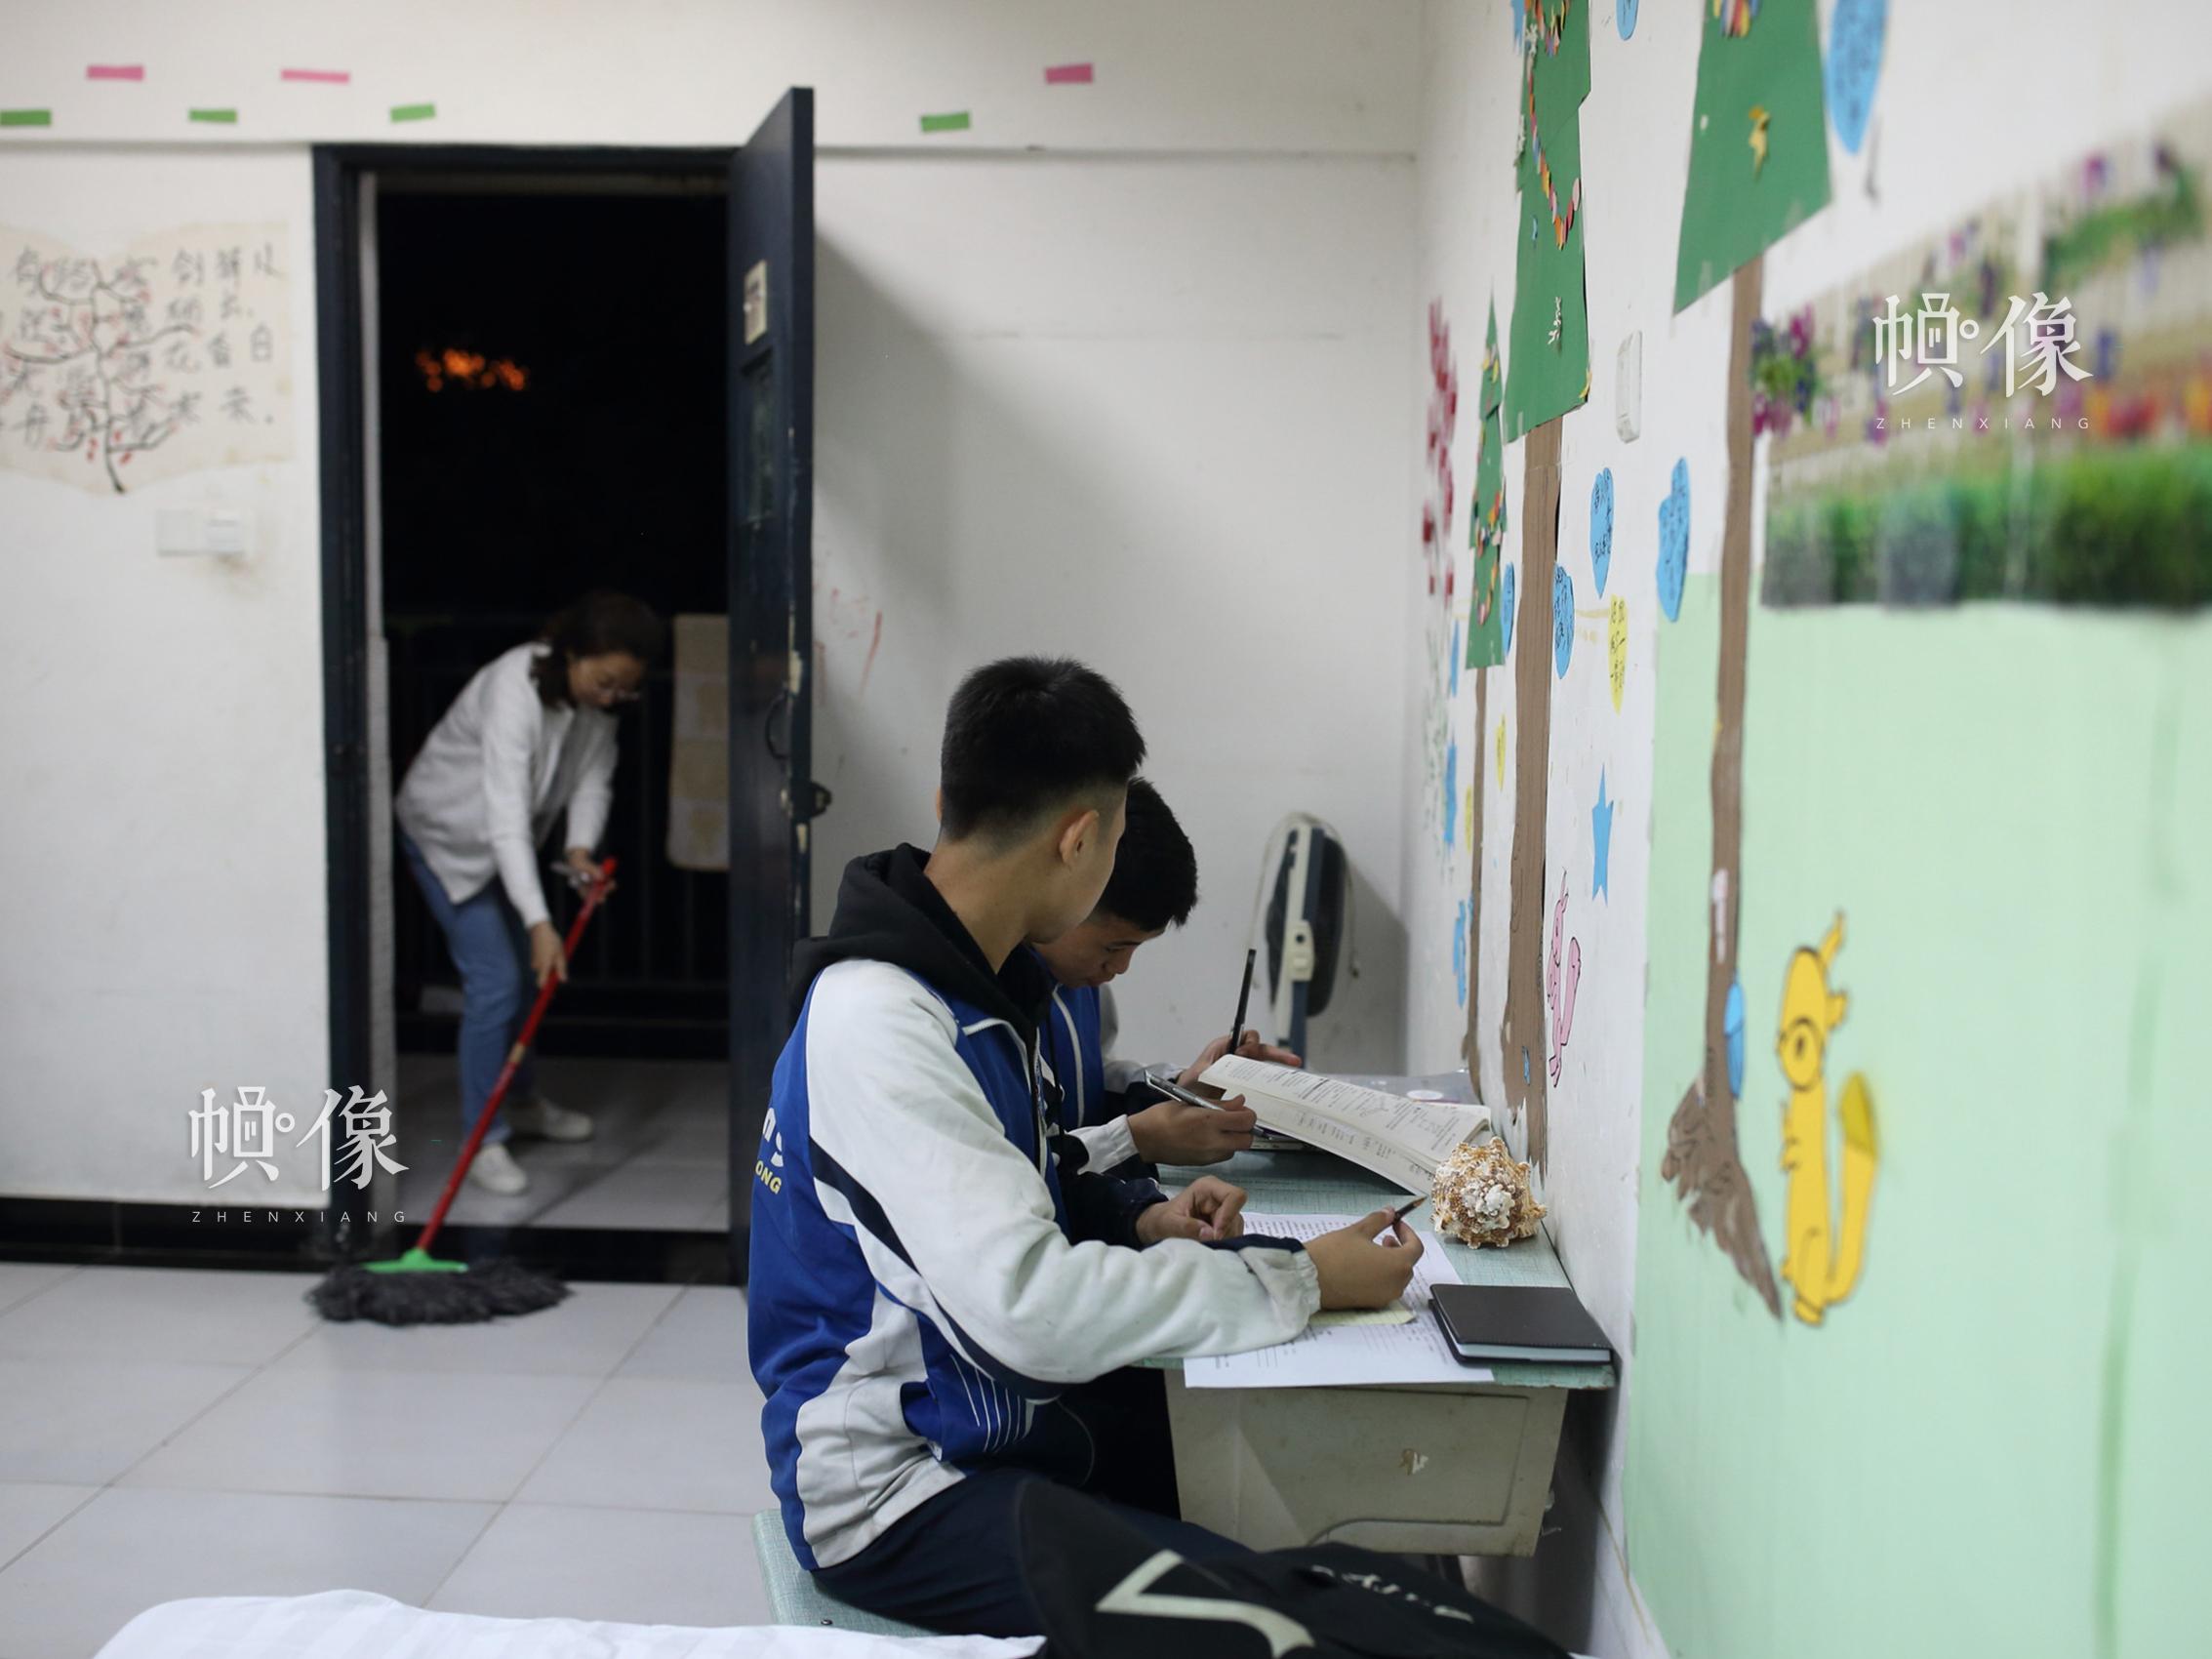 """2018年4月,成都双流安康家园,""""安康妈妈""""王晨在打扫孩子的房间。从2009年8月双流安康家园启用起,王晨就开始在这里工作,照顾安康家园的孩子们。中国网记者 陈维松 摄"""